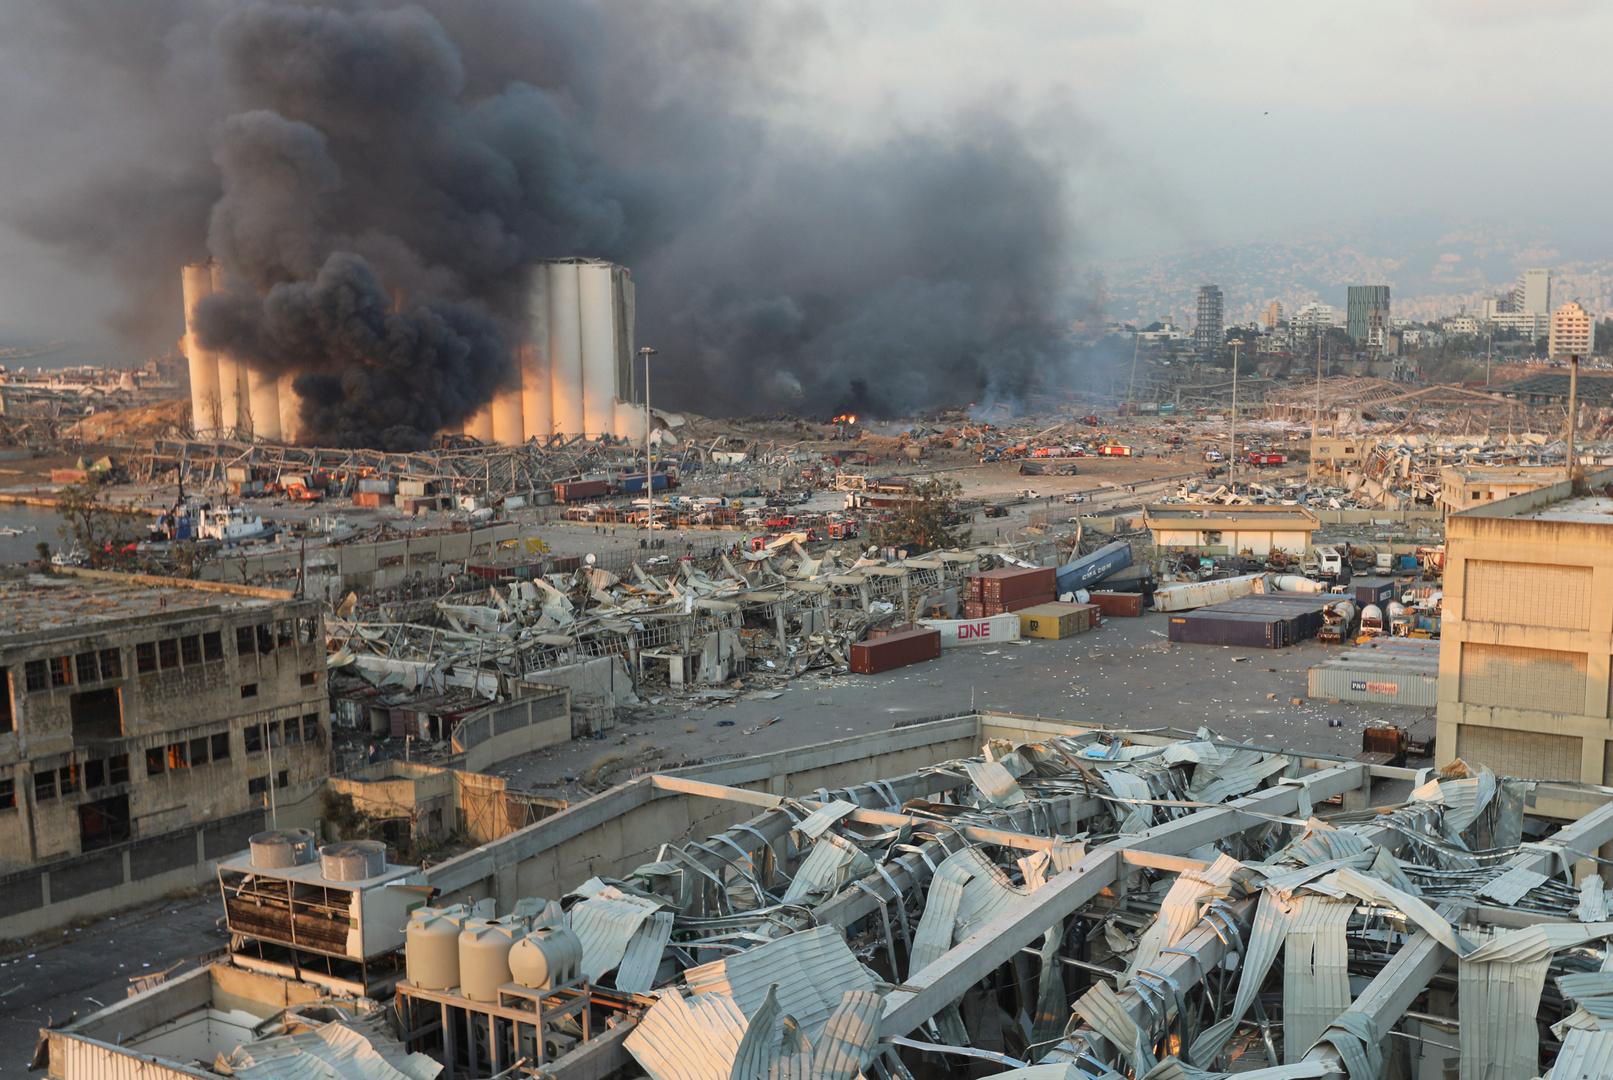 رويترز: 10 قتلى على الأقل بانفجار مرفأ بيروت